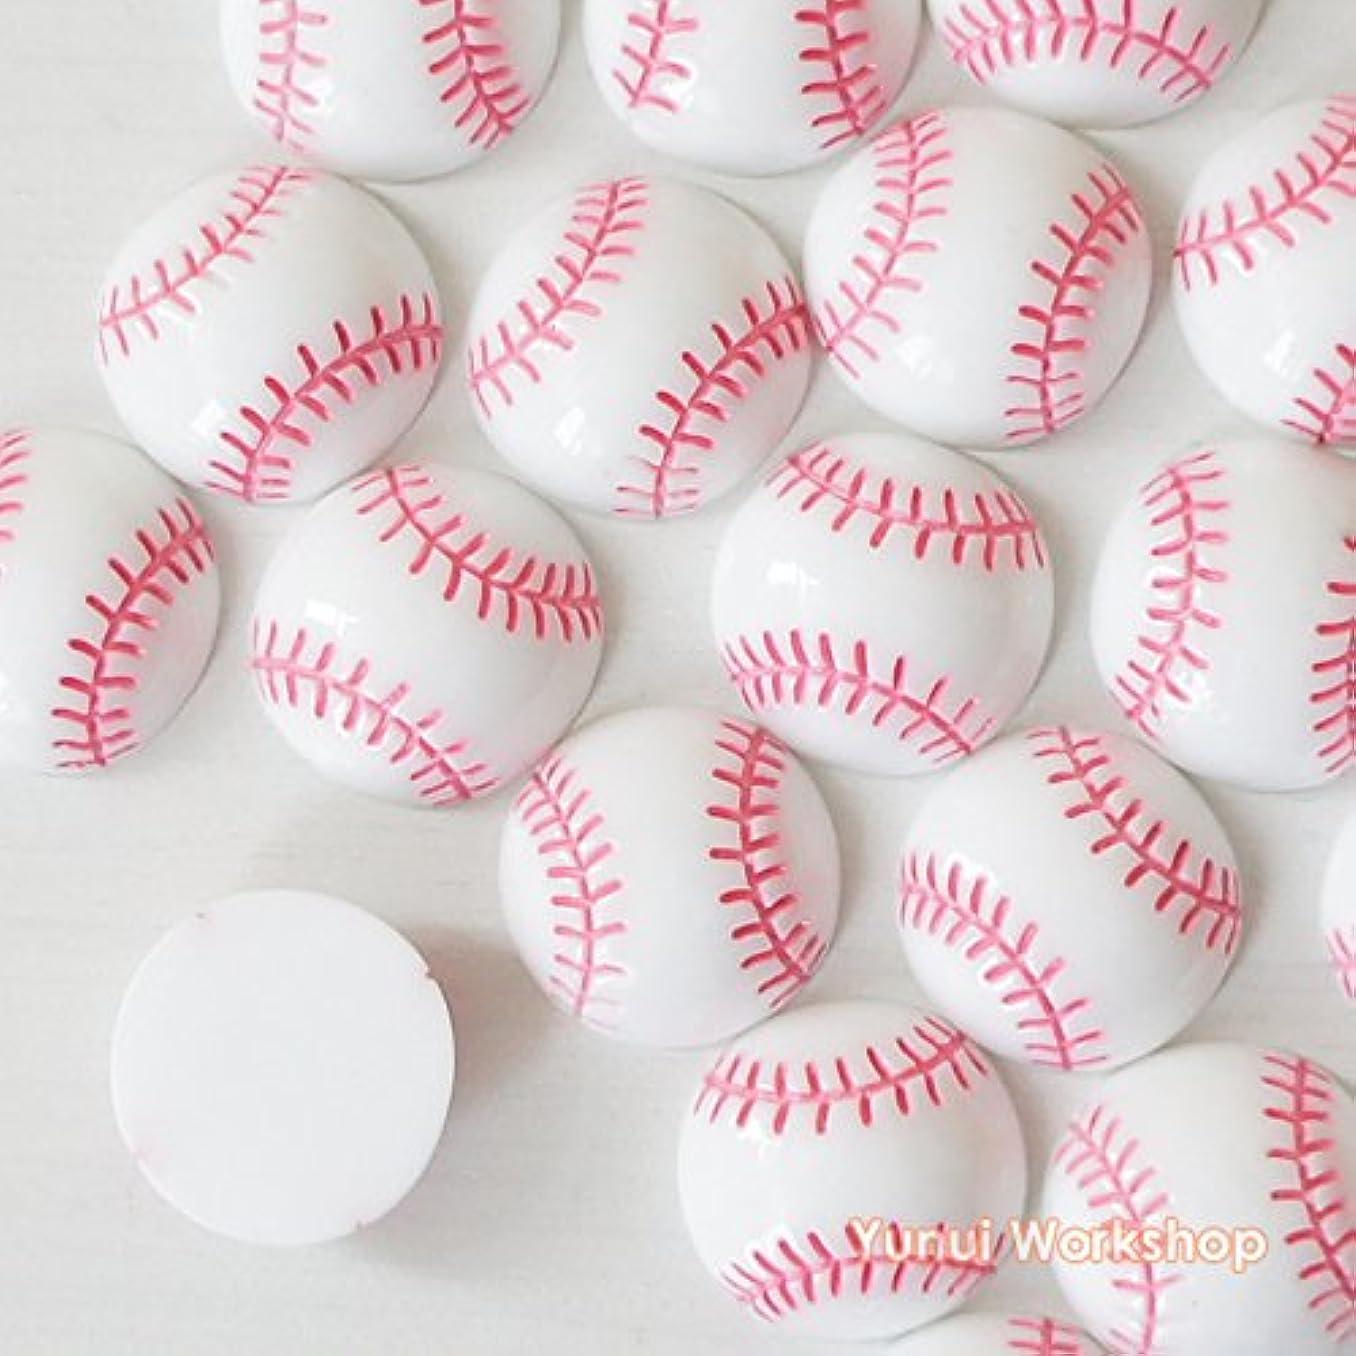 チャップ許さない検出する【野球ボール?6個】24mm x 24mm?デコ用?デコパーツ?カボション?レジン?手作り?手芸?DIY?材料?小物?装飾用